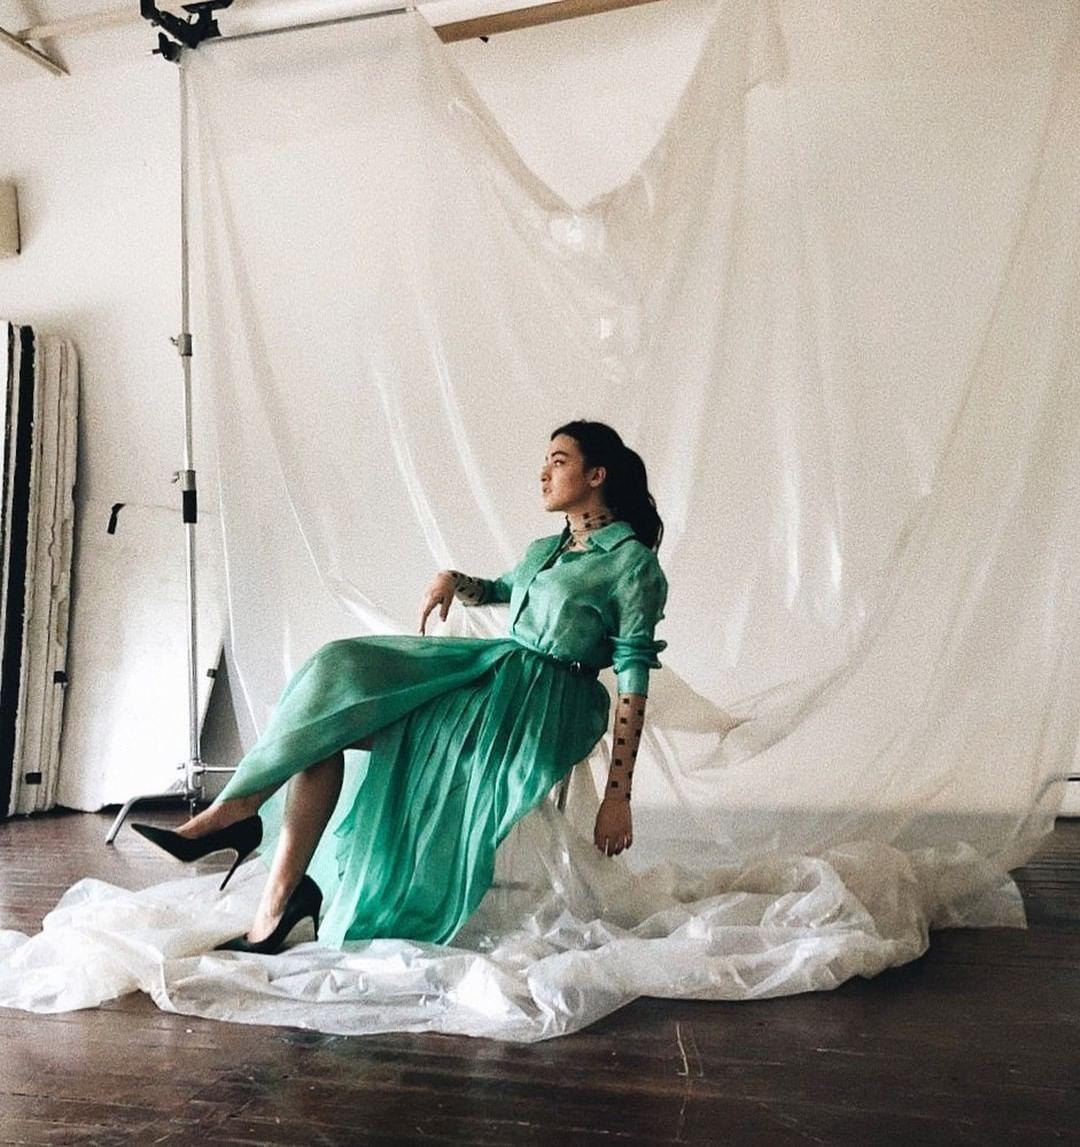 A fresh aqua green mood for MondayA fresh aqua green mood for Monday Up and coming actress Mawar de Jongh in fendi ElcoFrebliaman mawareva